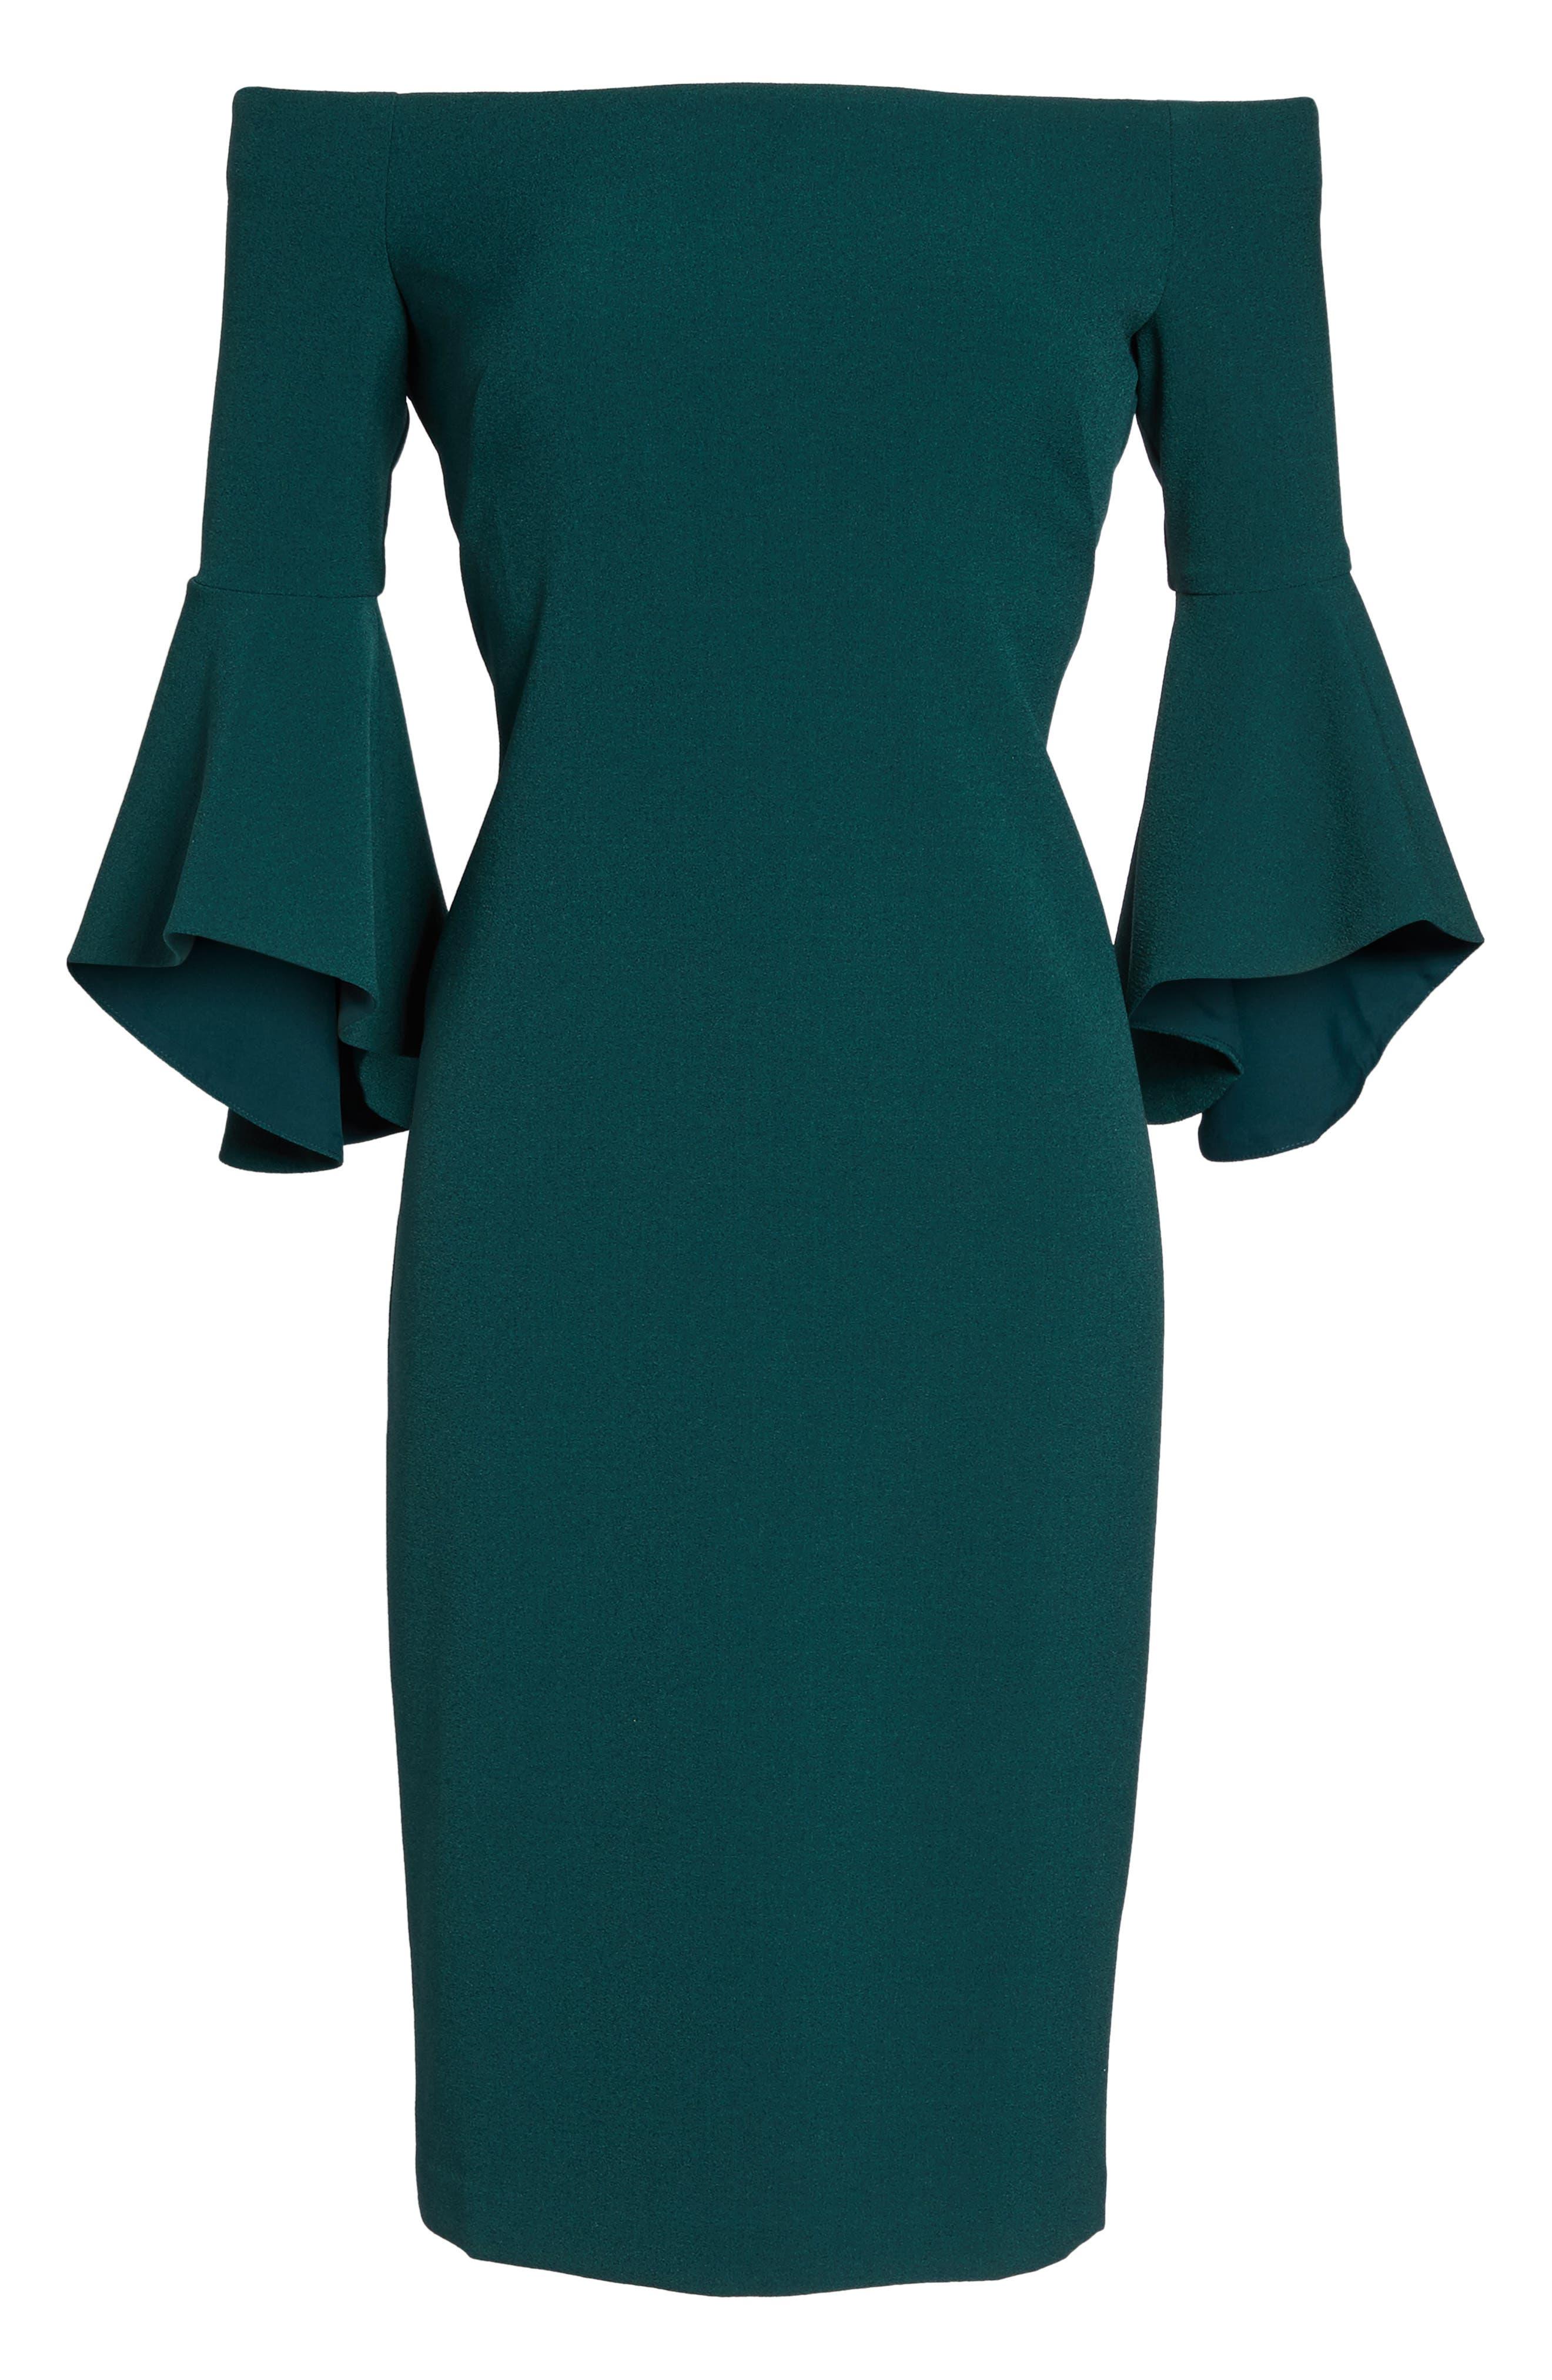 Off the Shoulder Dress,                             Alternate thumbnail 6, color,                             Green Botanical